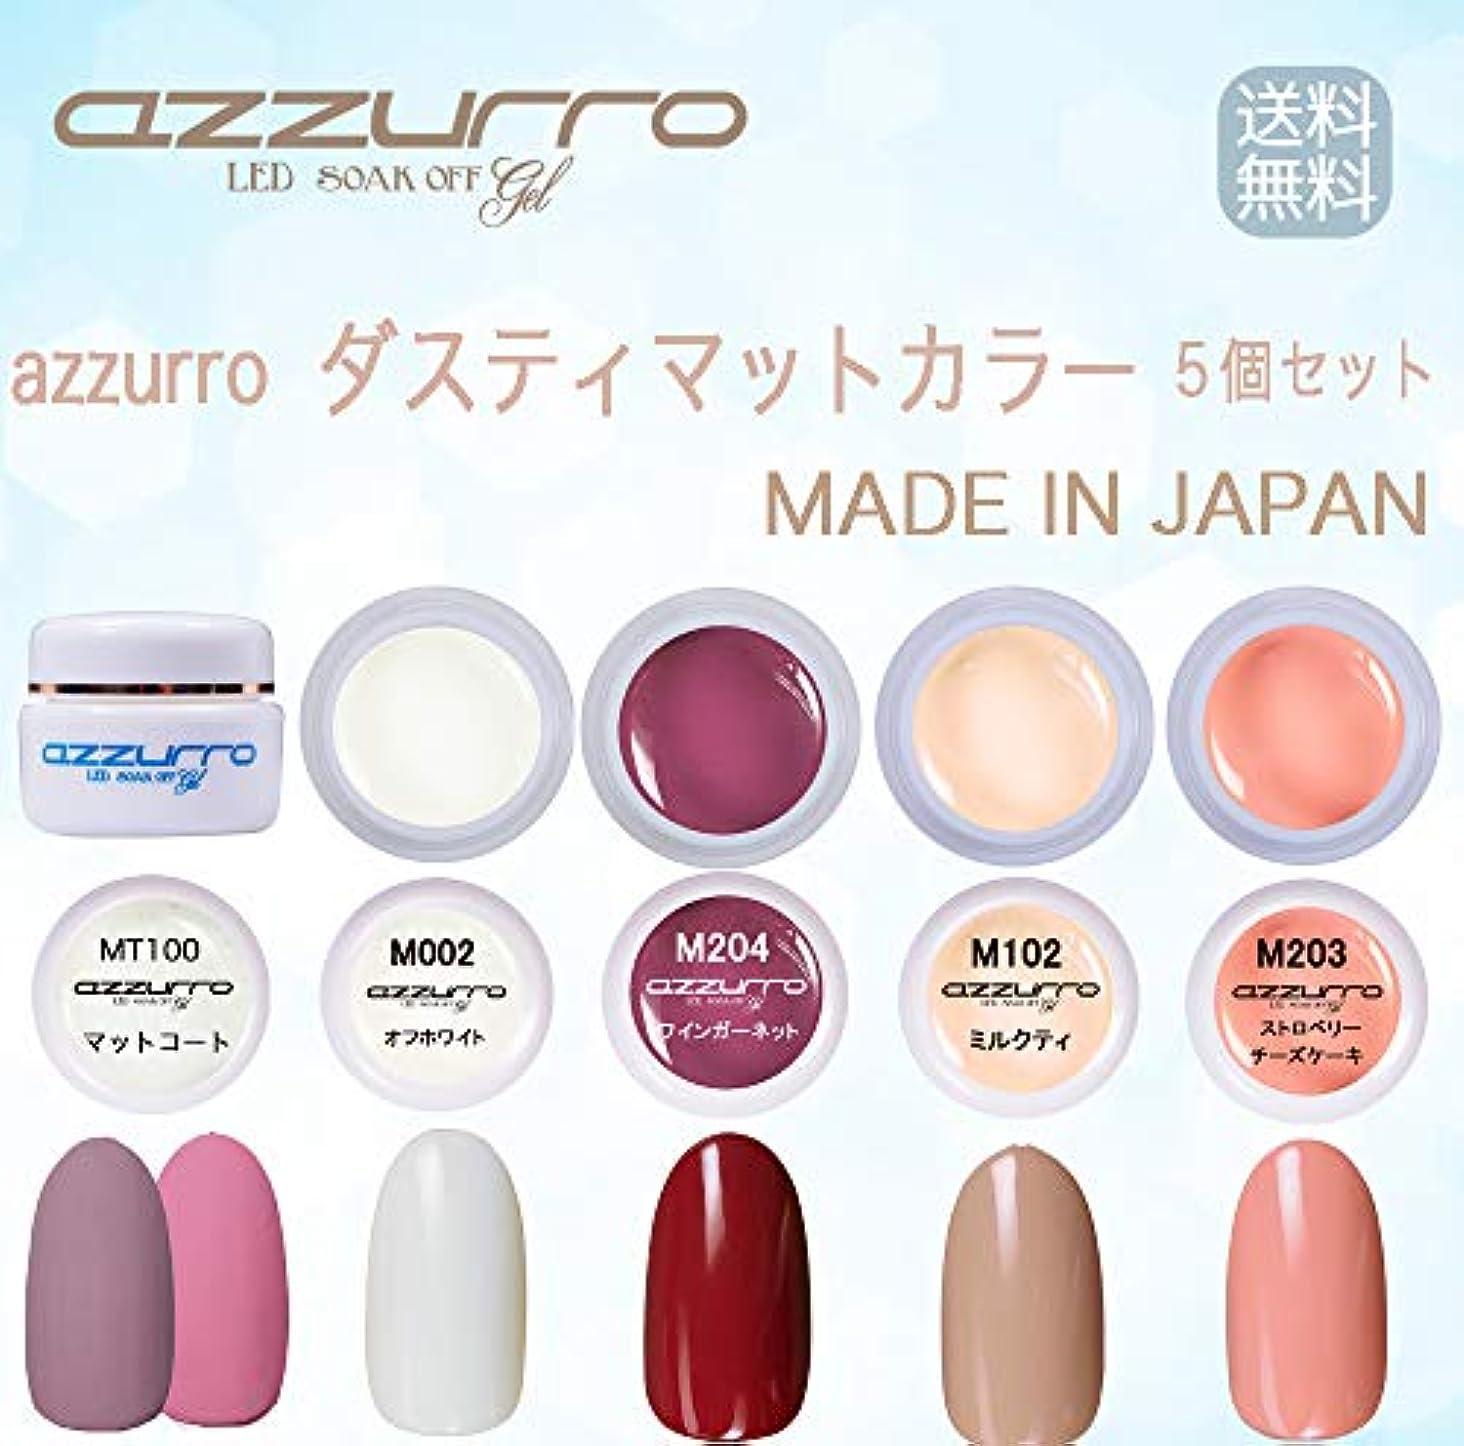 ブランド名オレンジマークされた【送料無料】日本製 azzurro gel ダスティマットカラージェル5個セット 春ネイルにぴったりなダスティなマットカラー